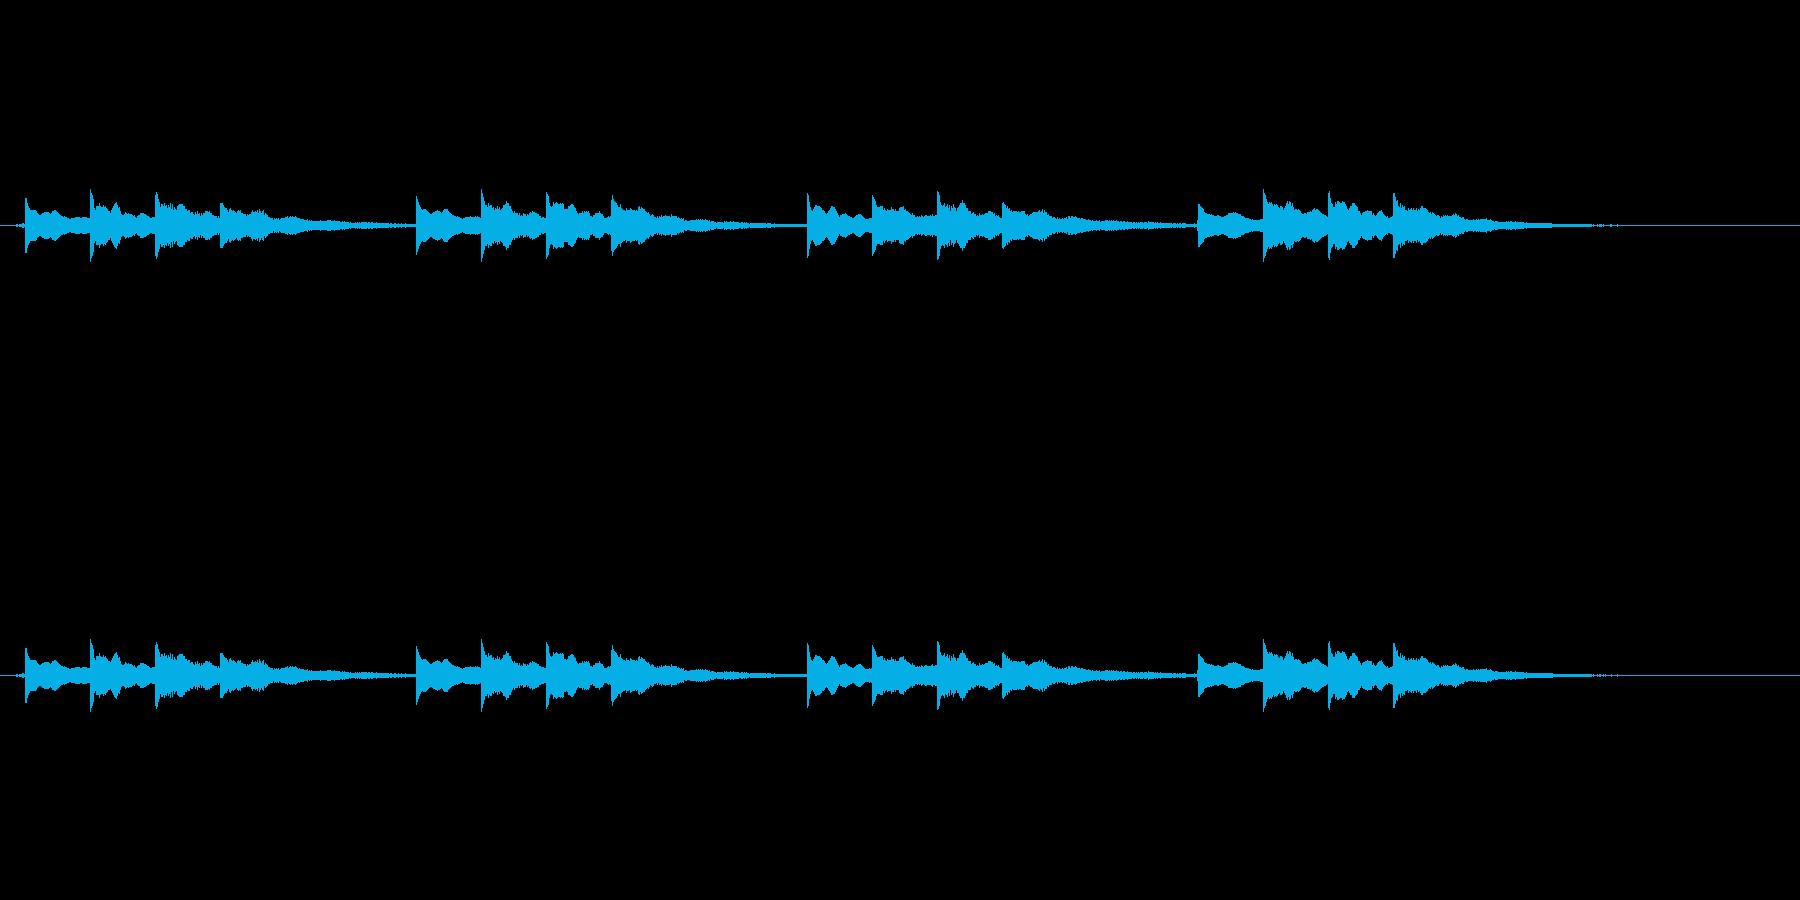 学校のチャイムの再生済みの波形